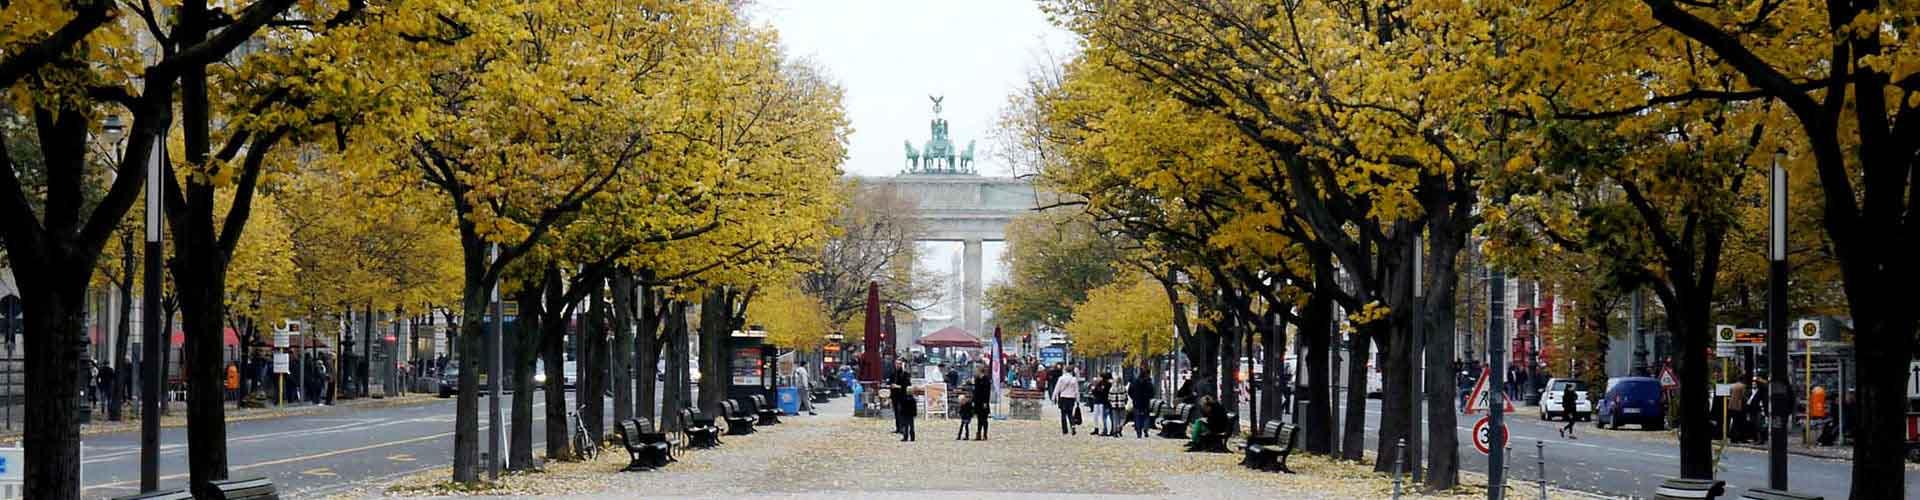 Berlin - Hostele w pobliżu: Unter den Linden. Mapy: Berlin, Zdjęcia i Recenzje dla każdego hostelu w mieście: Berlin.